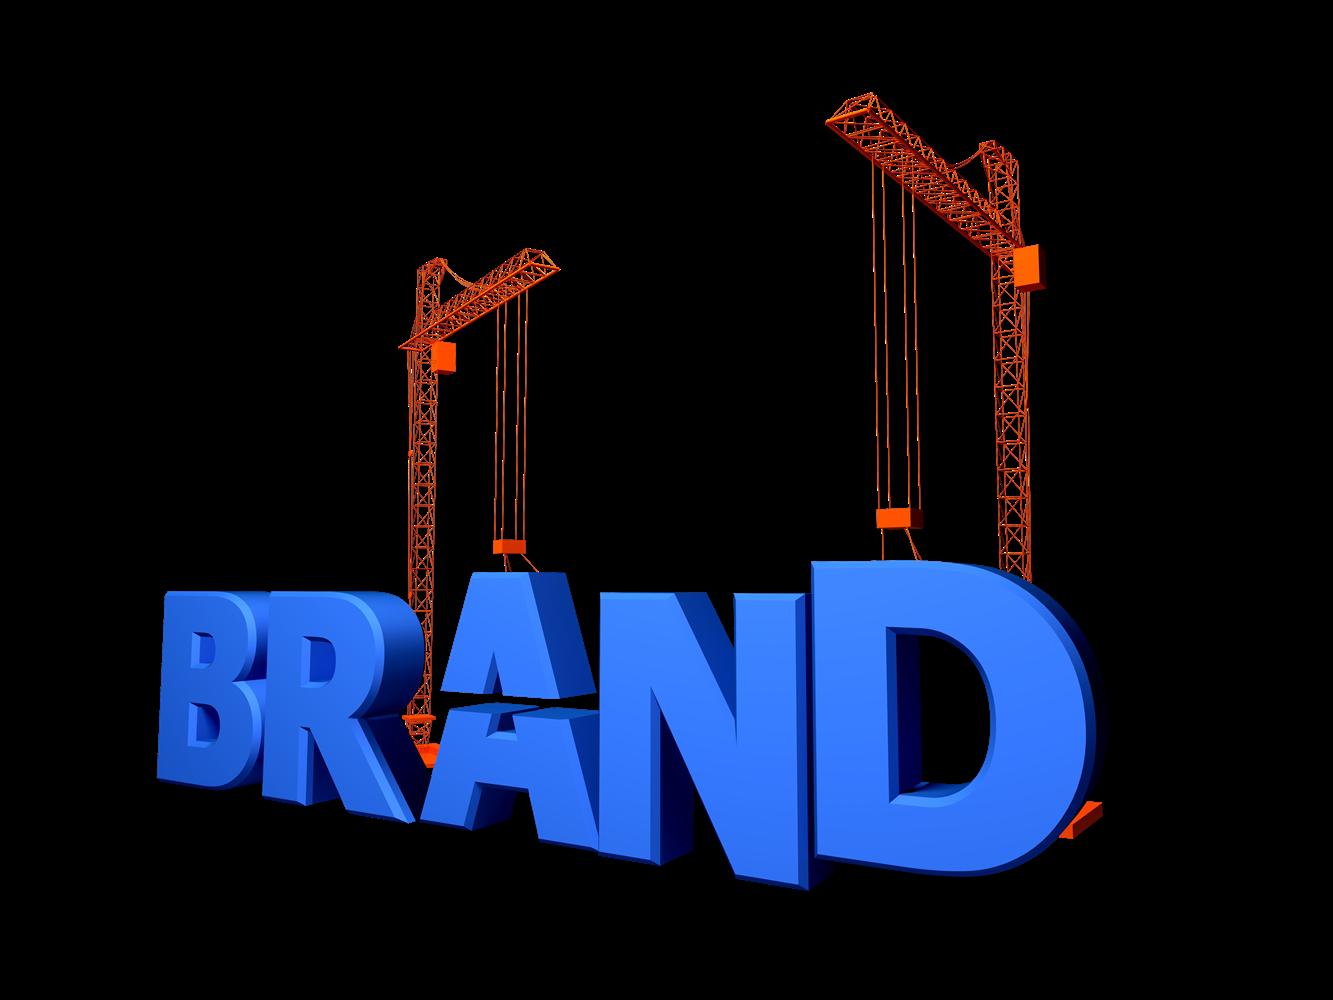 ما هي العلامة التجارية